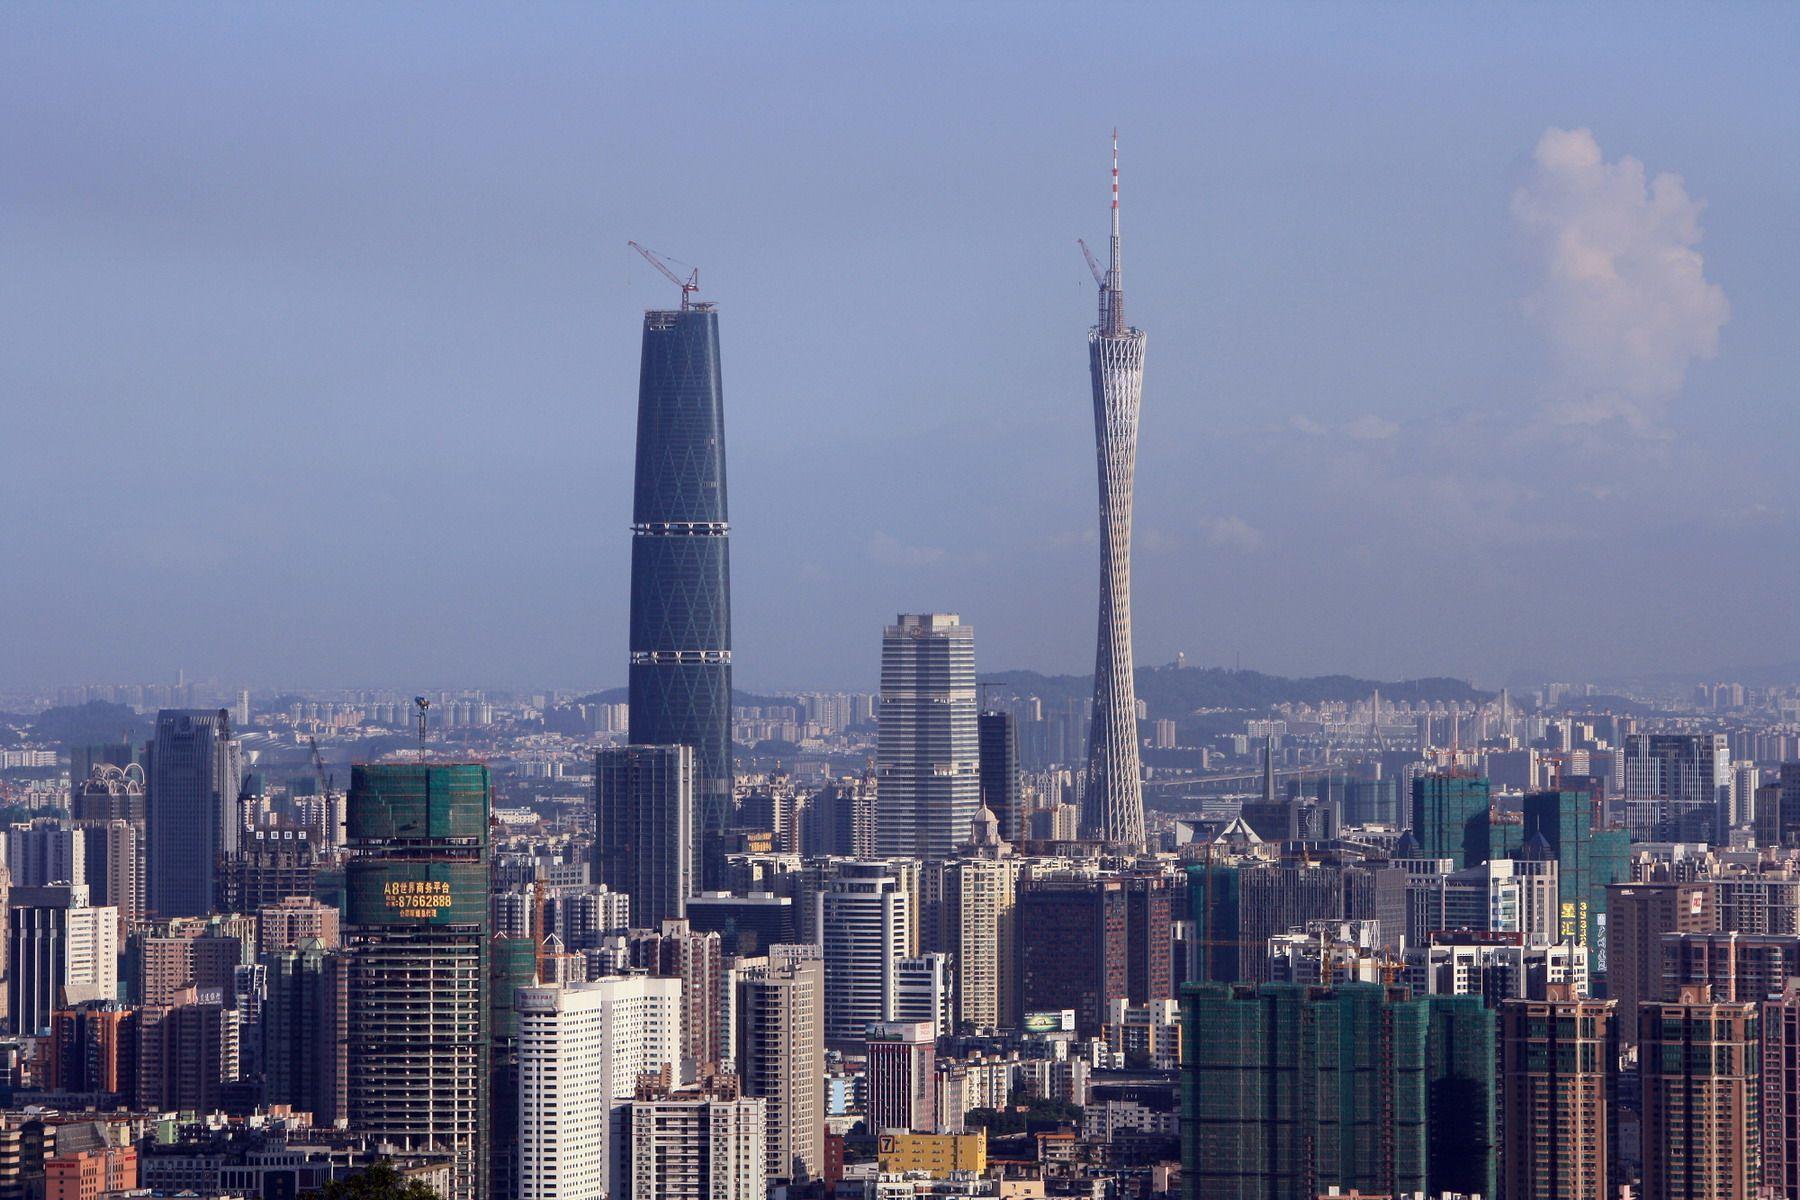 Guangzhou City Wallpapers - Top Free Guangzhou City Backgrounds